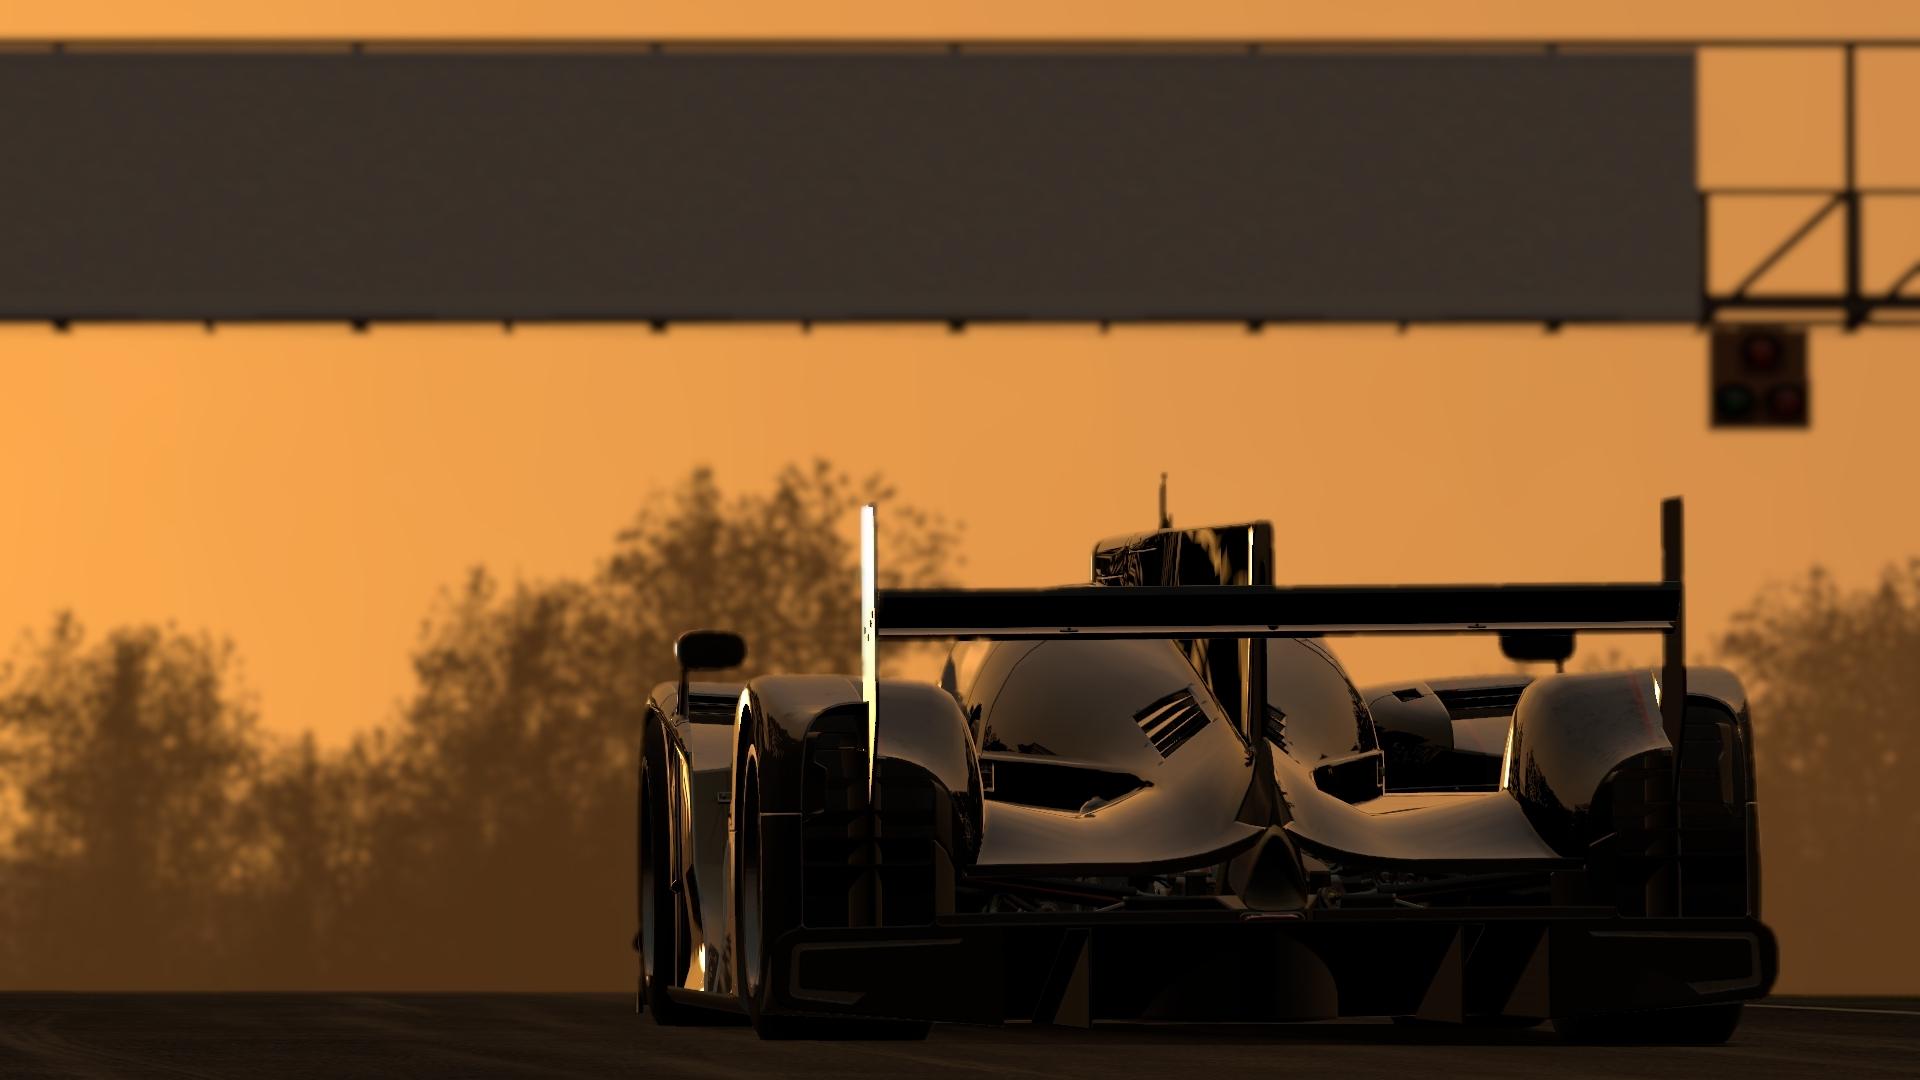 Скачать картинку Машины, Формула-1 (Formula-1, F1), Спорт, Транспорт в телефон бесплатно.